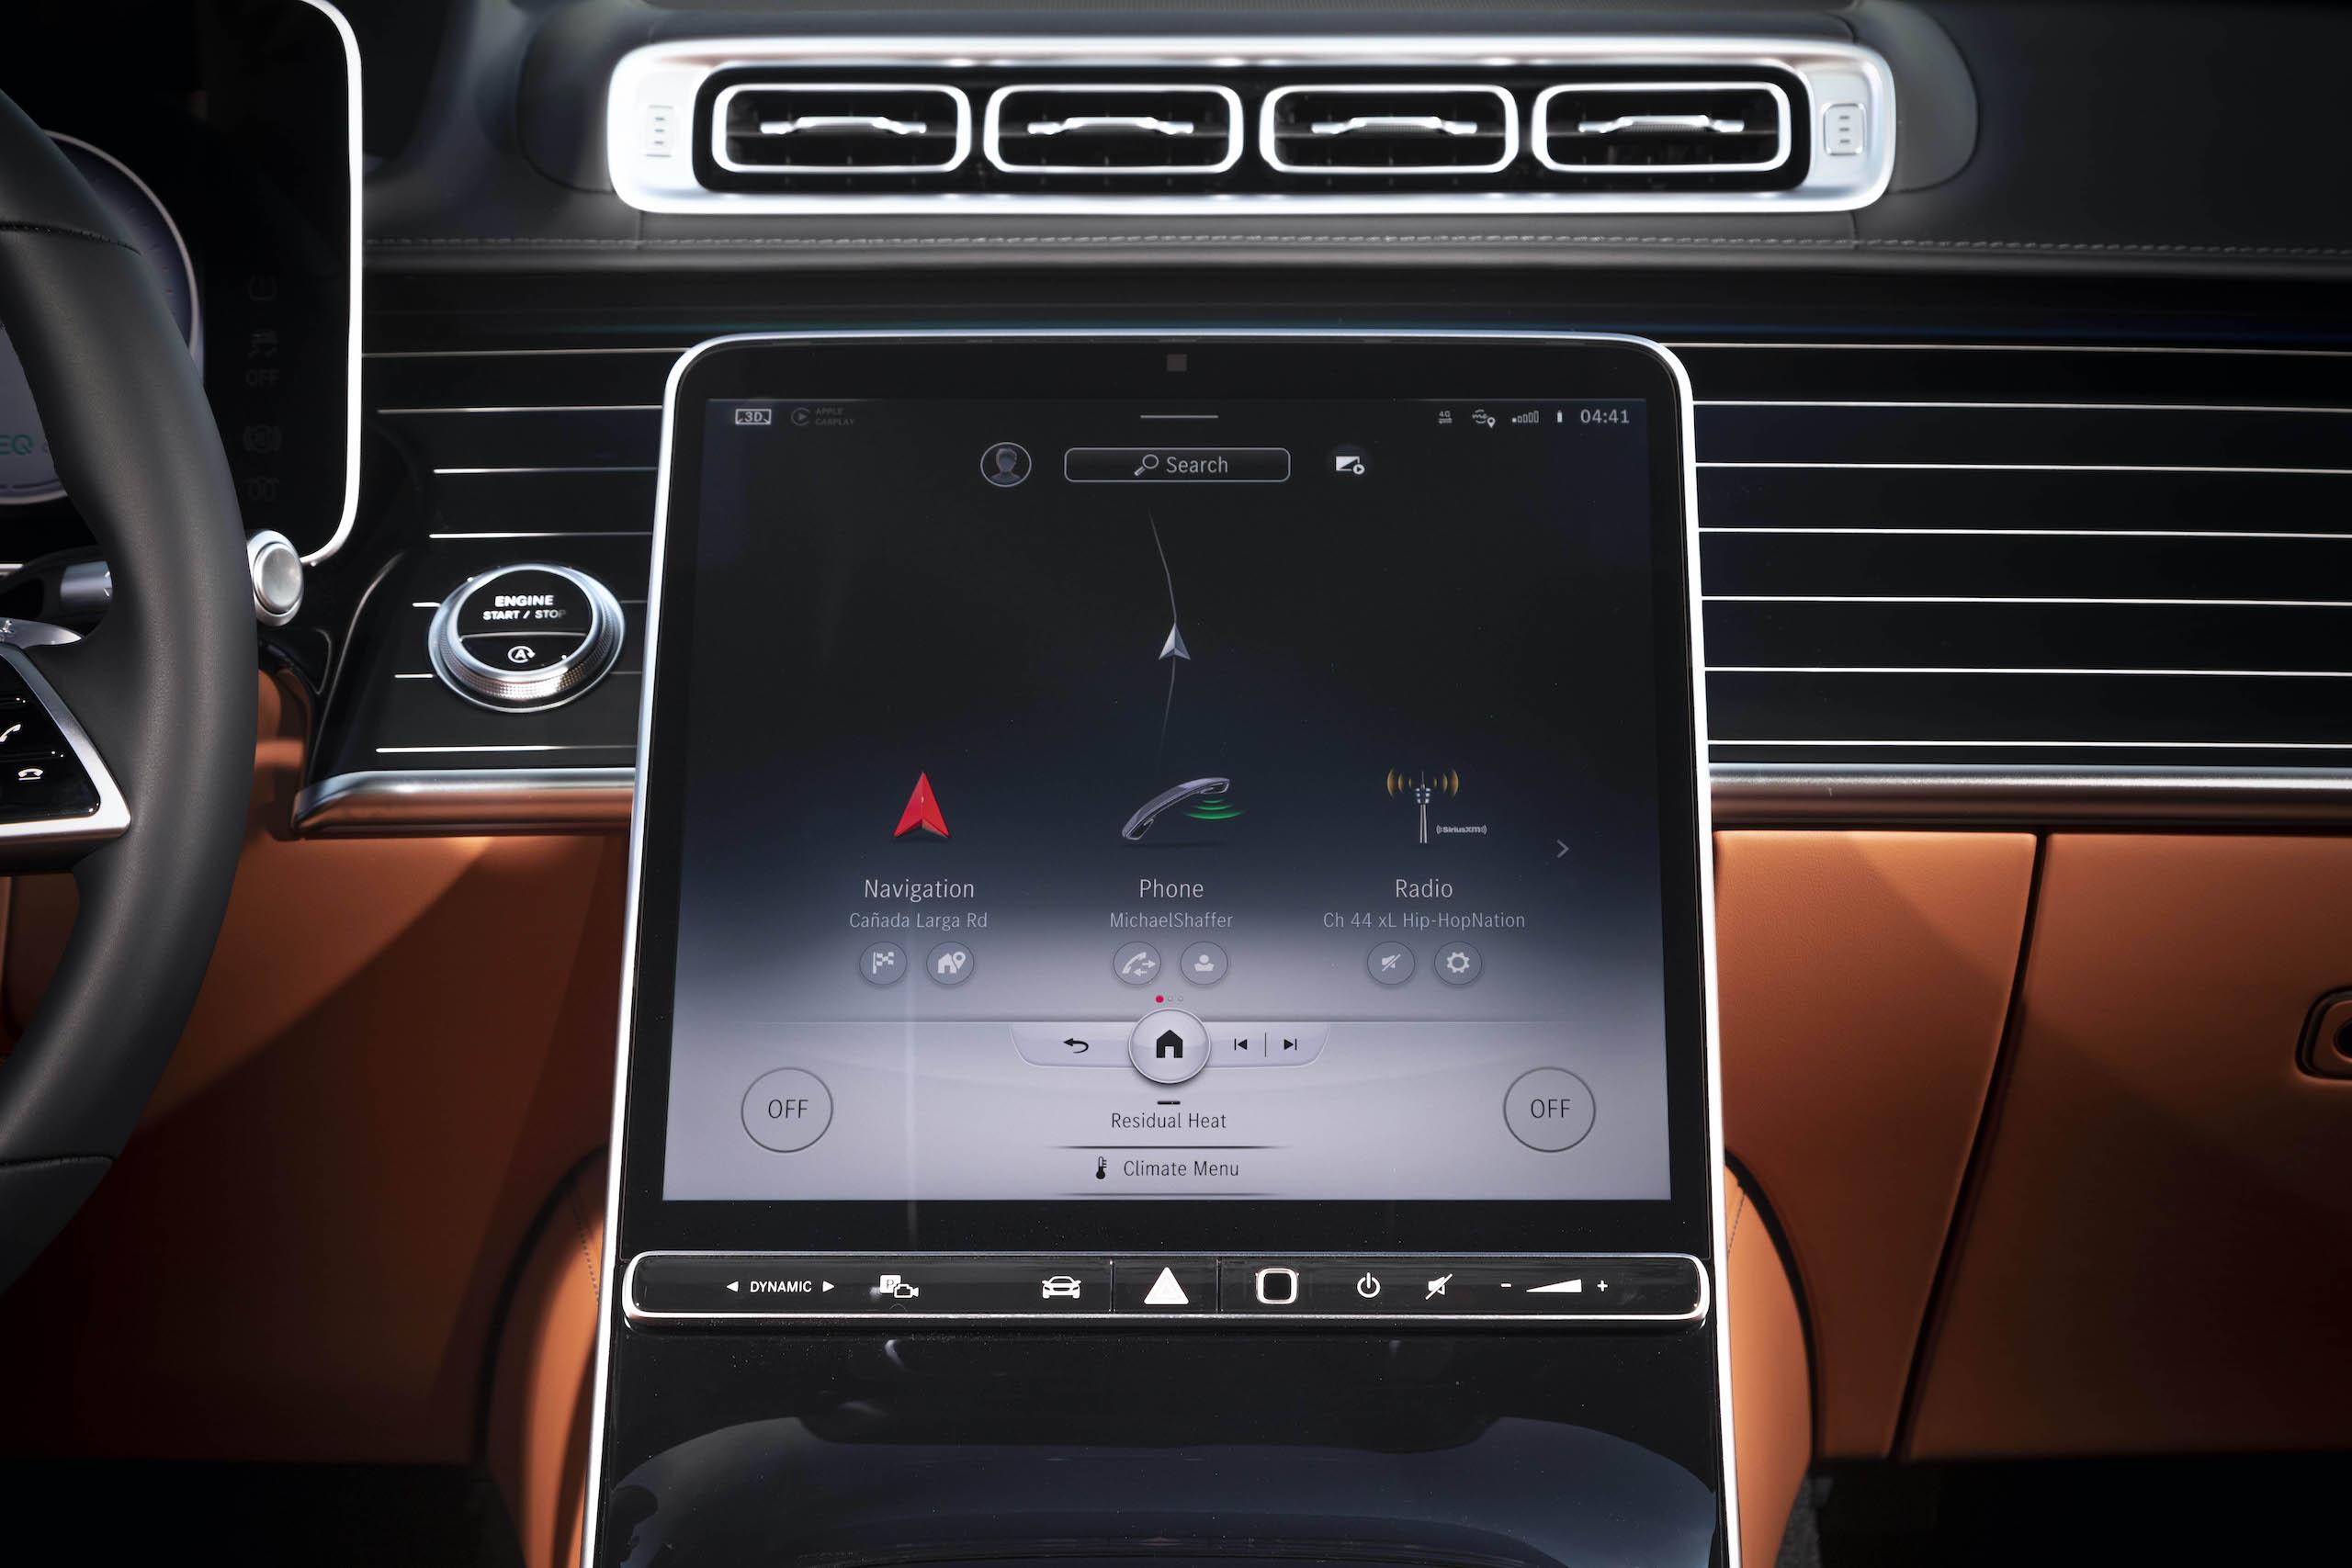 Mercedes Benz-S-Class interior infotainment screen